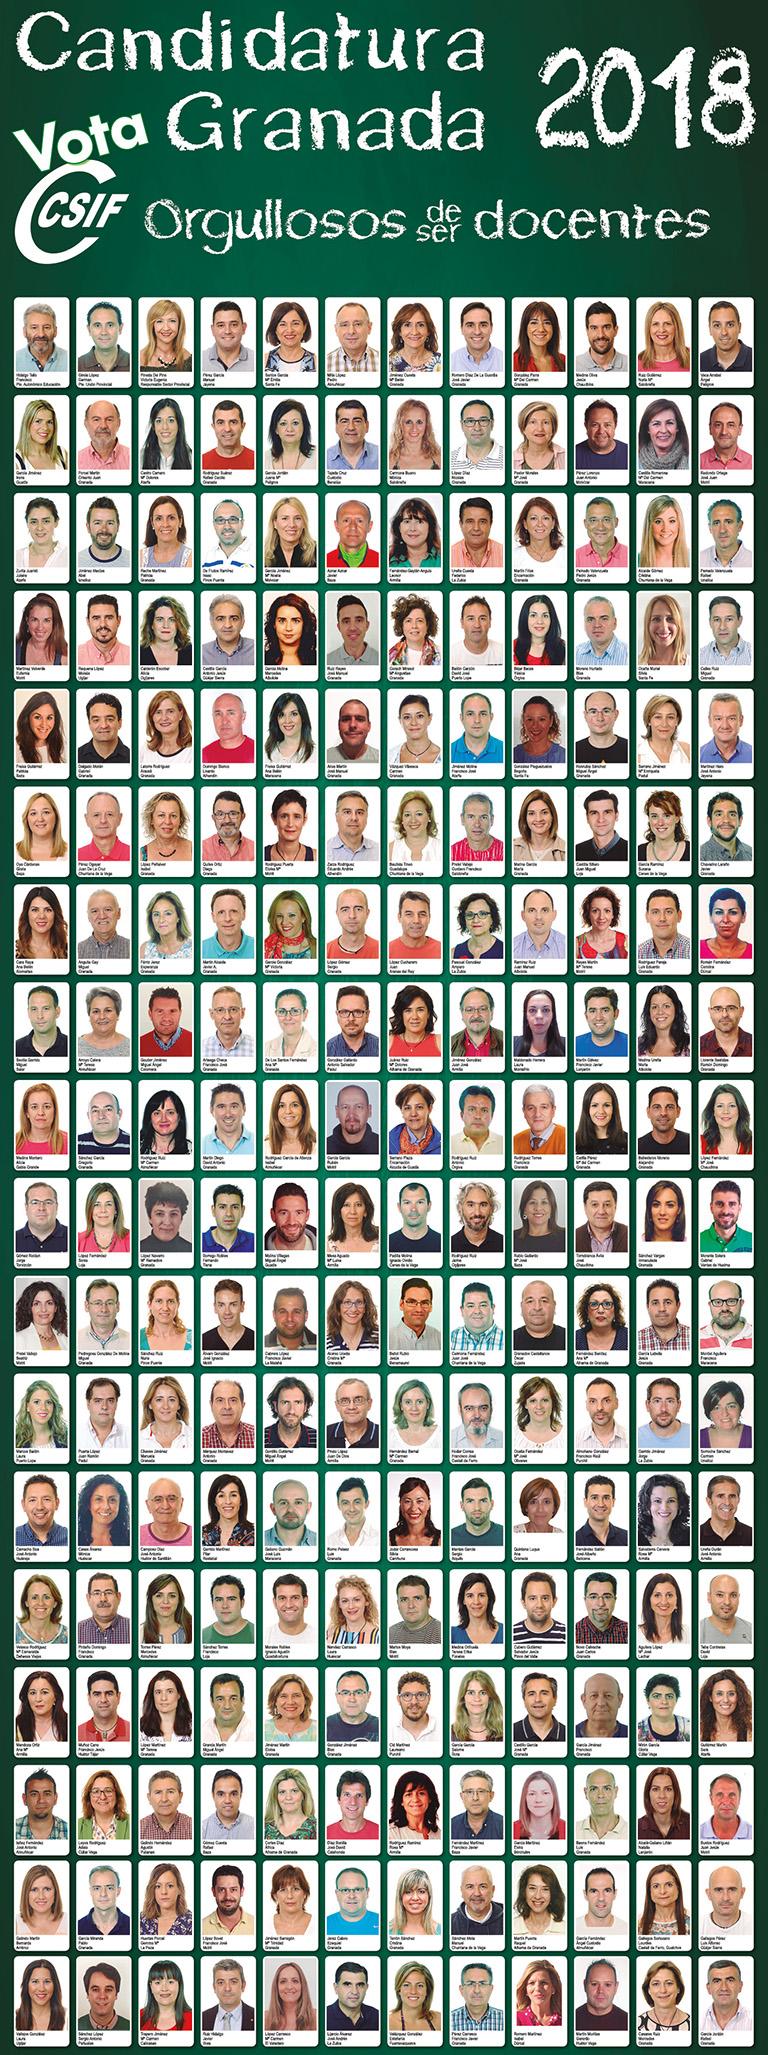 Candidatura Educación CSIF 2018